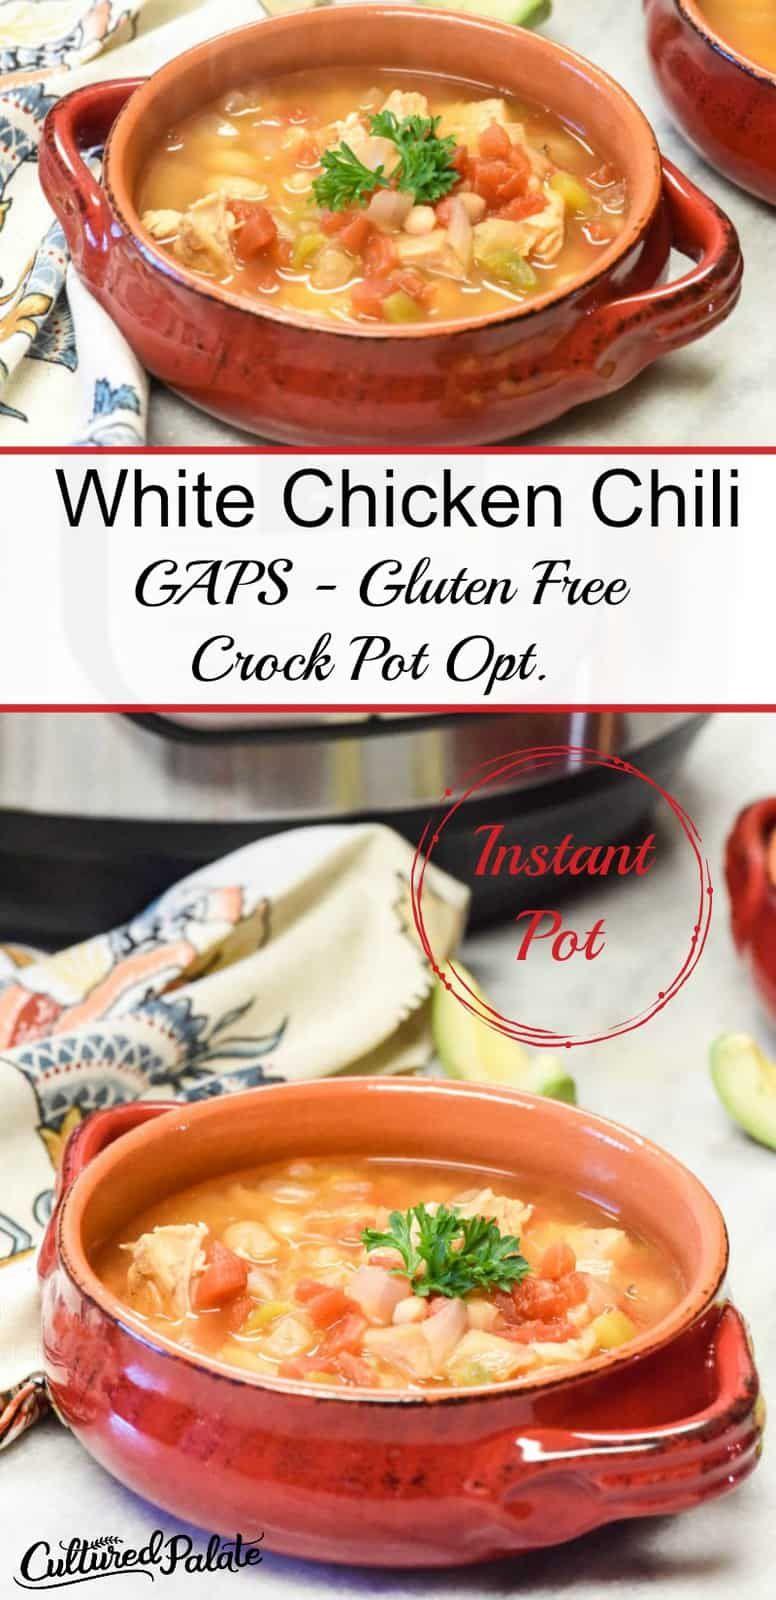 Instant Pot Gaps Diet White Chicken Chili Recipe Gluten Free Crock Pot Opt Recipe Gaps Diet Recipes White Chicken Chili Recipe Crockpot White Chili Chicken Recipe